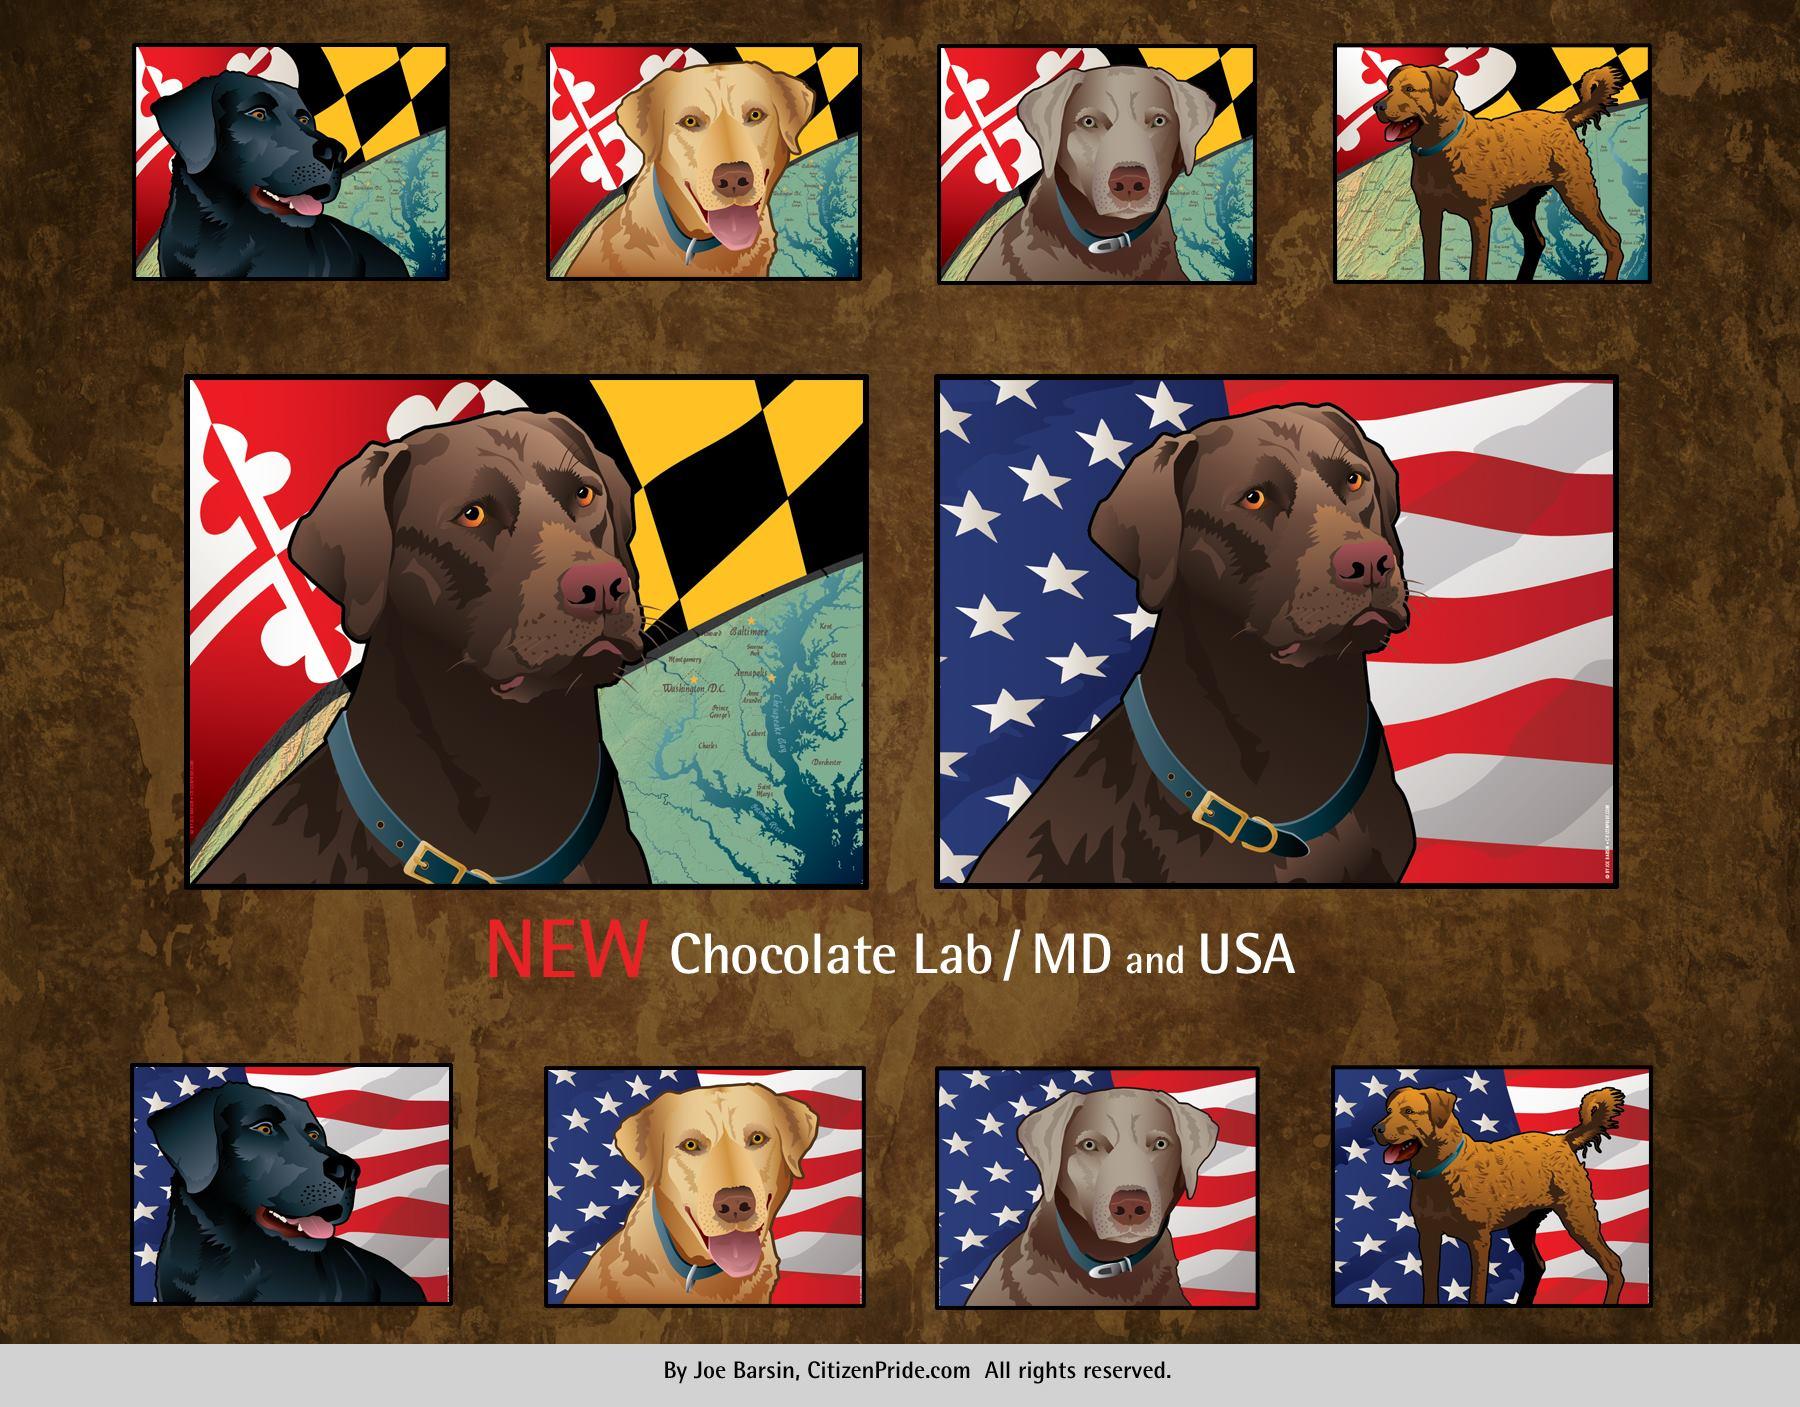 Chocolate lab citizen pride.jpg